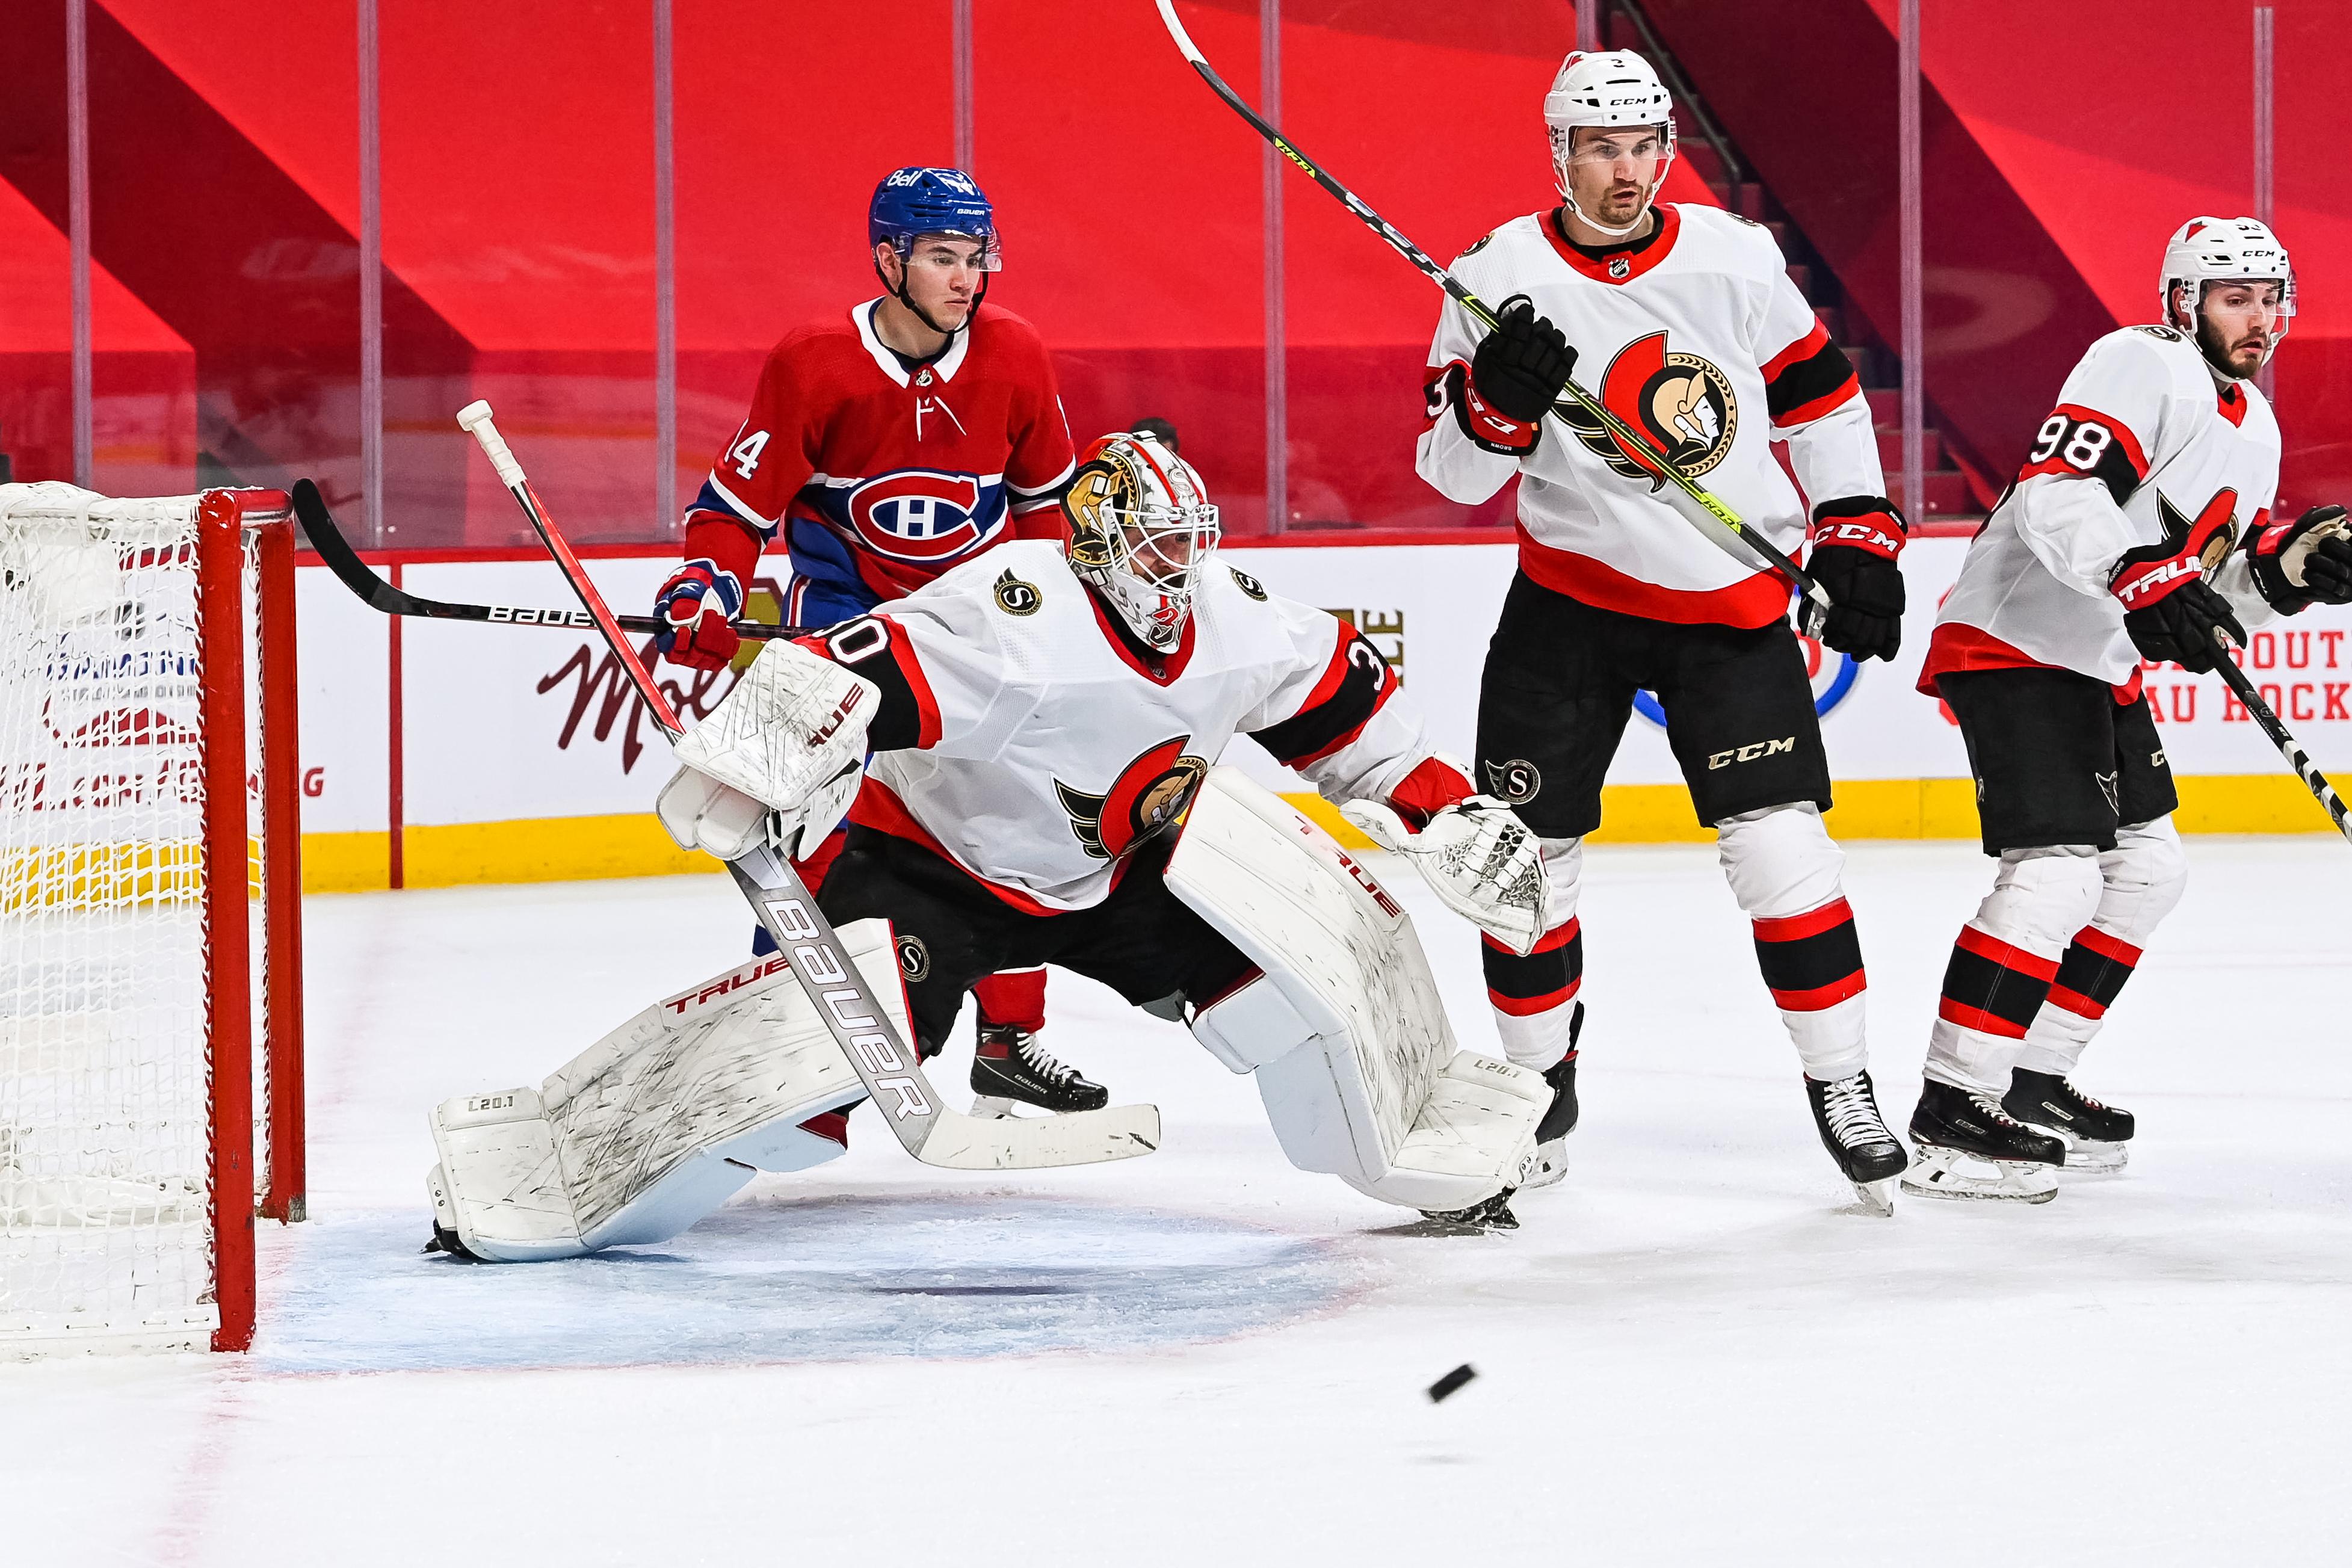 NHL: APR 17 Senators at Canadiens